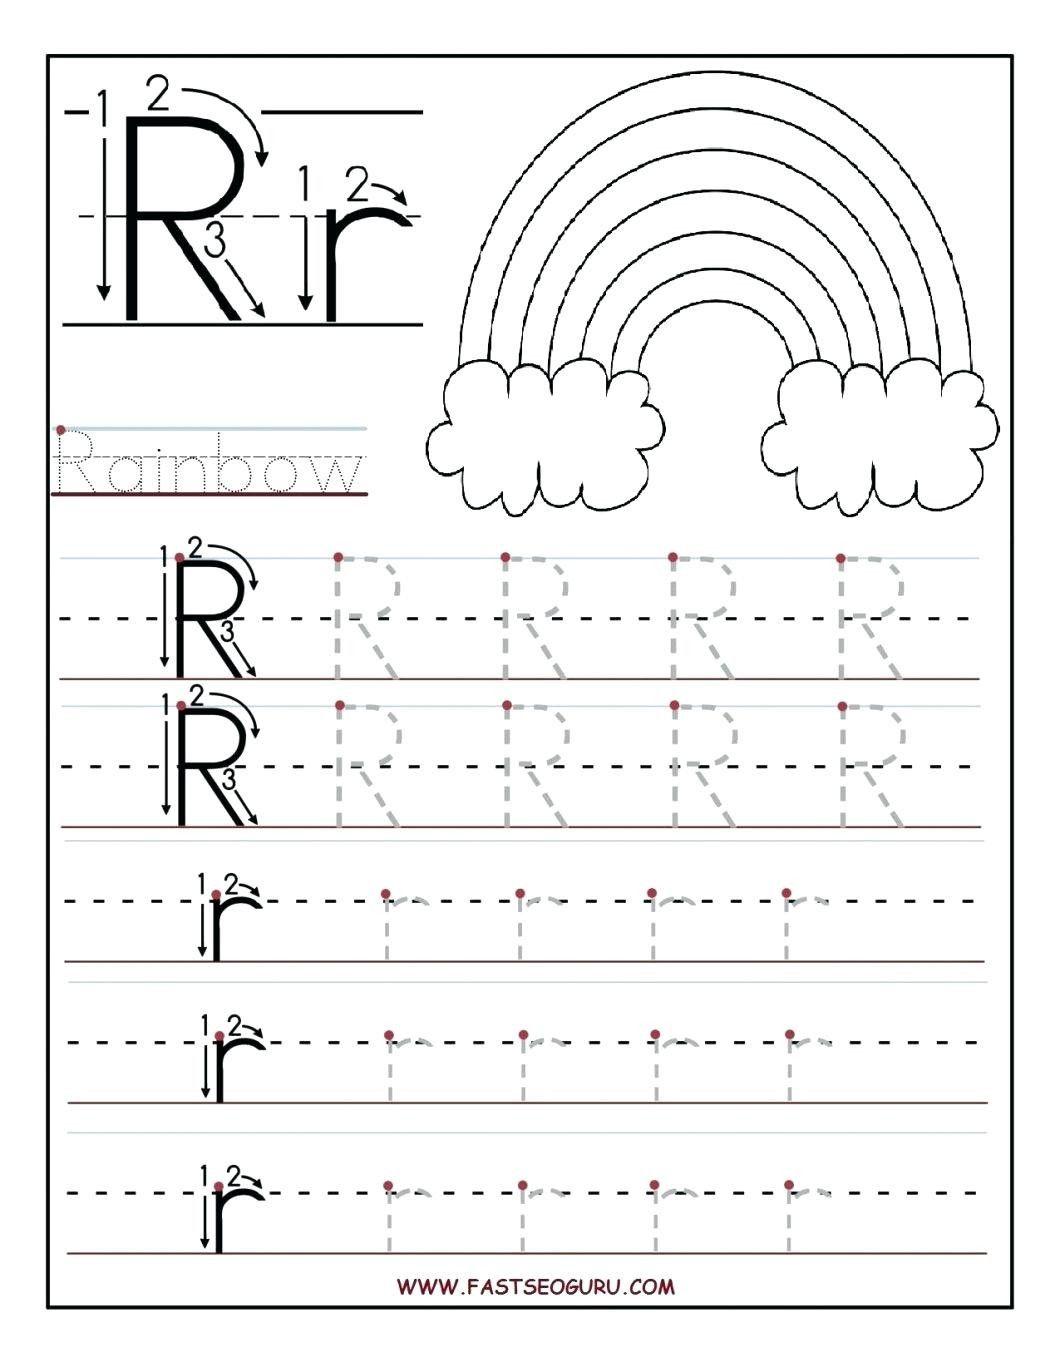 Worksheets For Pre Kindergarten